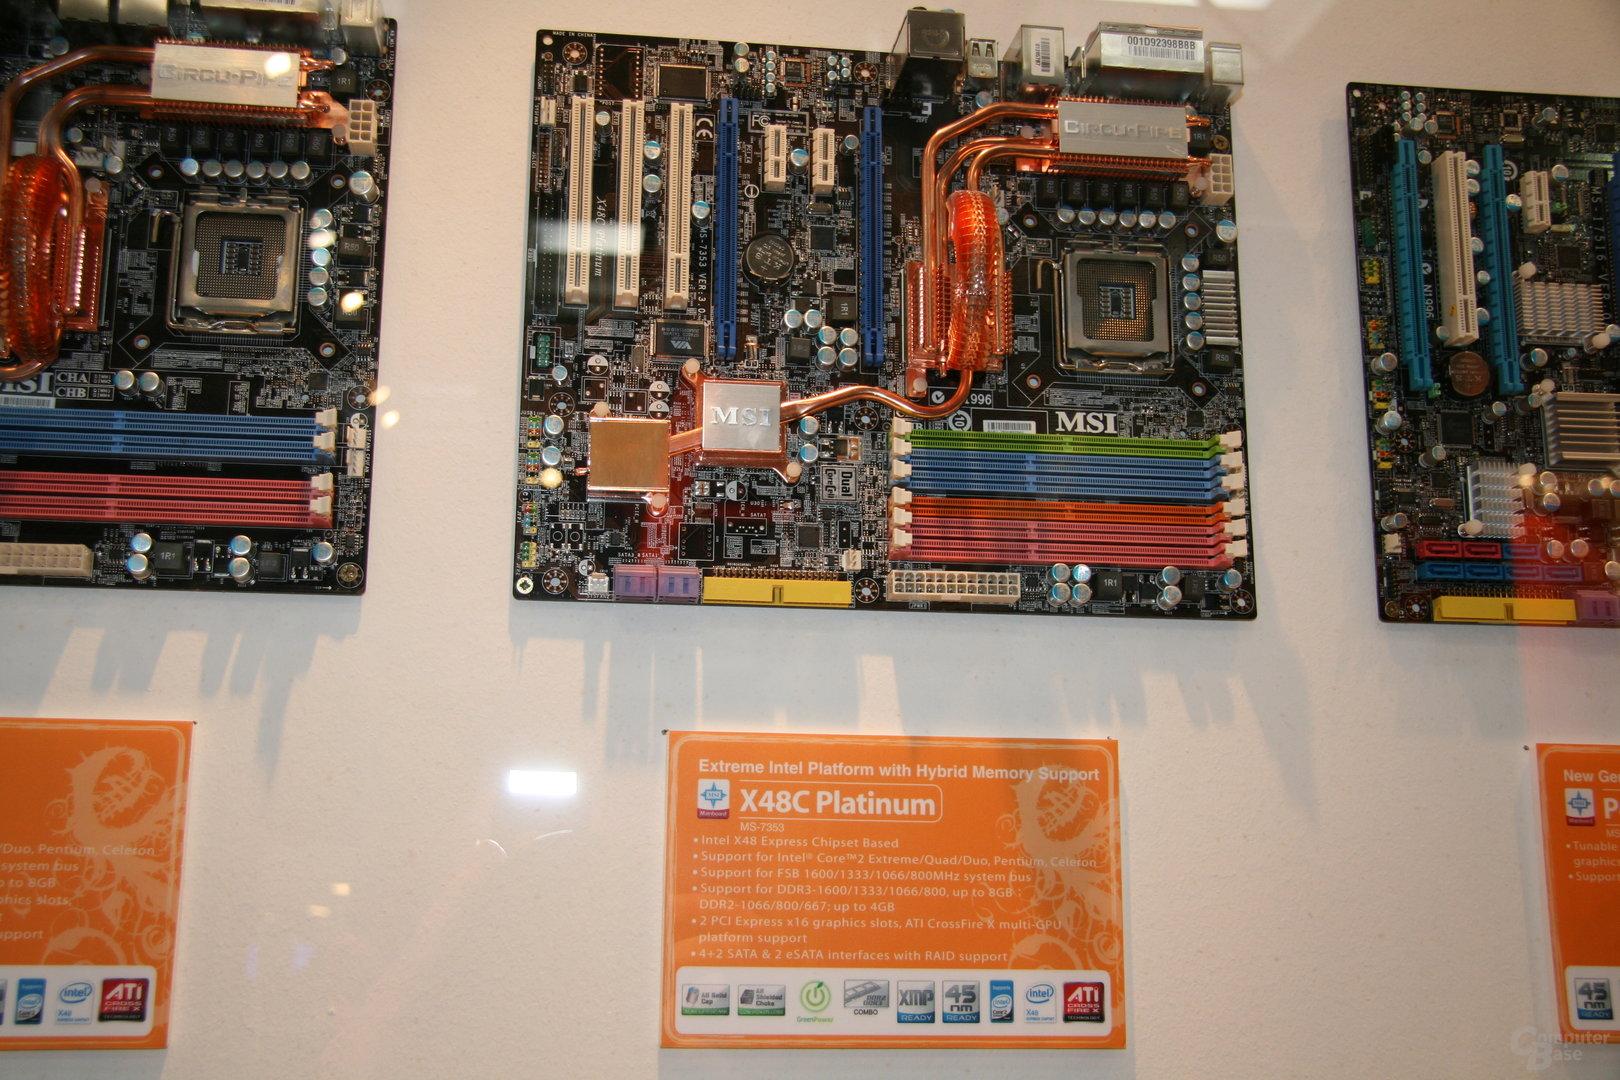 X48 von MSI mit DDR2 und DDR3